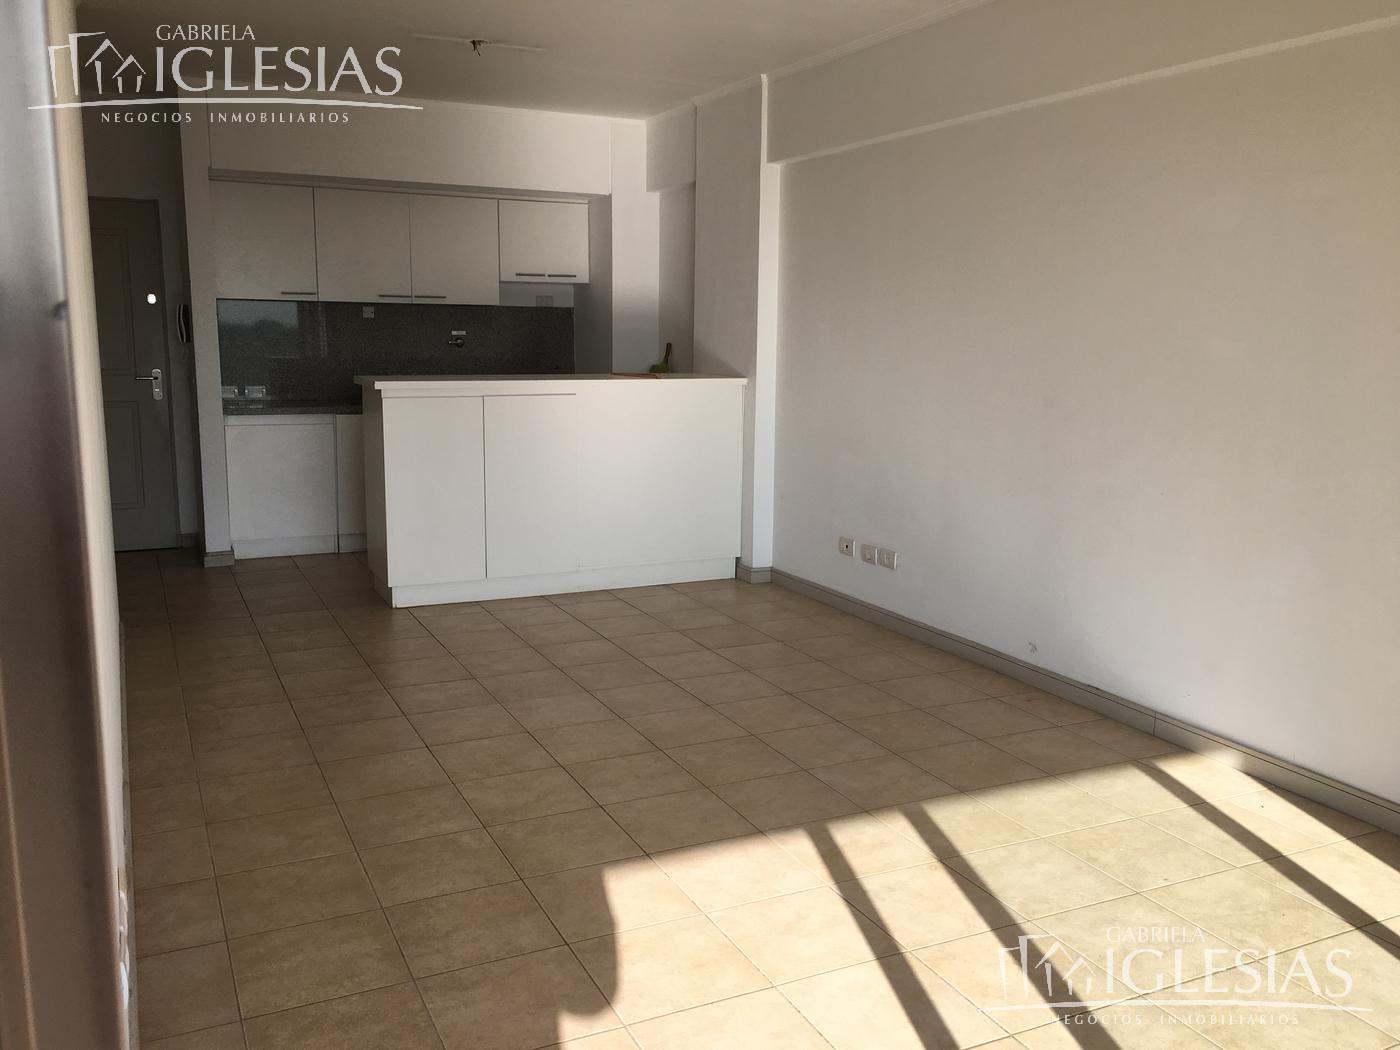 Oficina en Venta en Paseo de la Bahia - Studios II a Venta - u$s 135.000